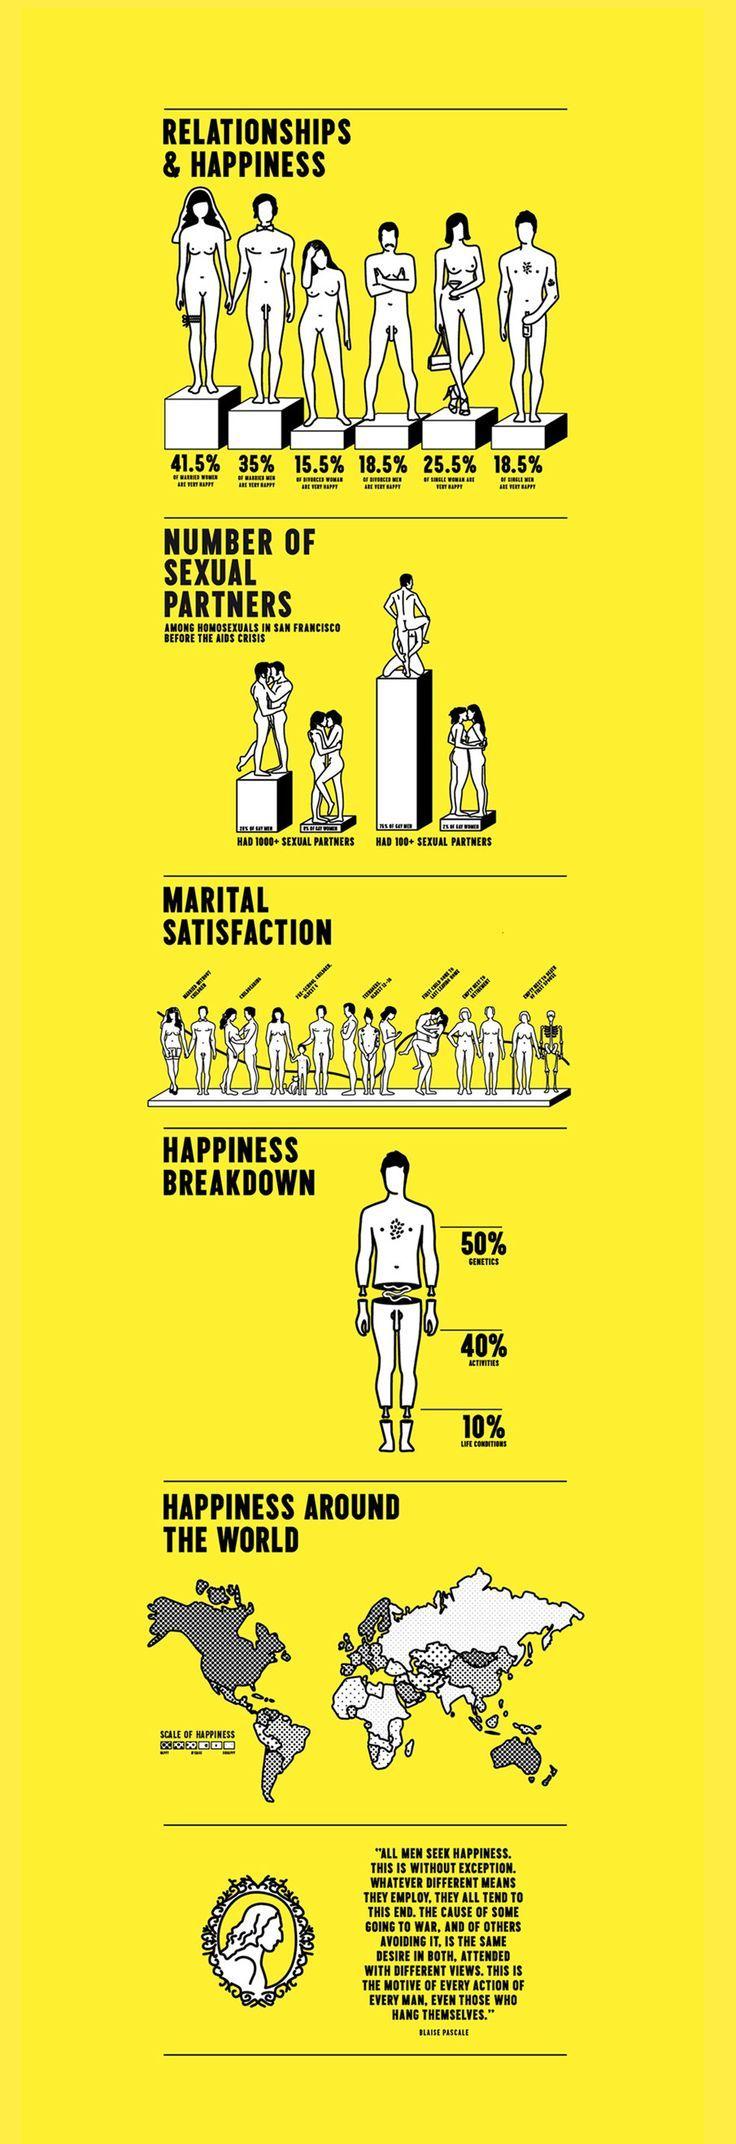 happyshow - Stefan Sagmeister